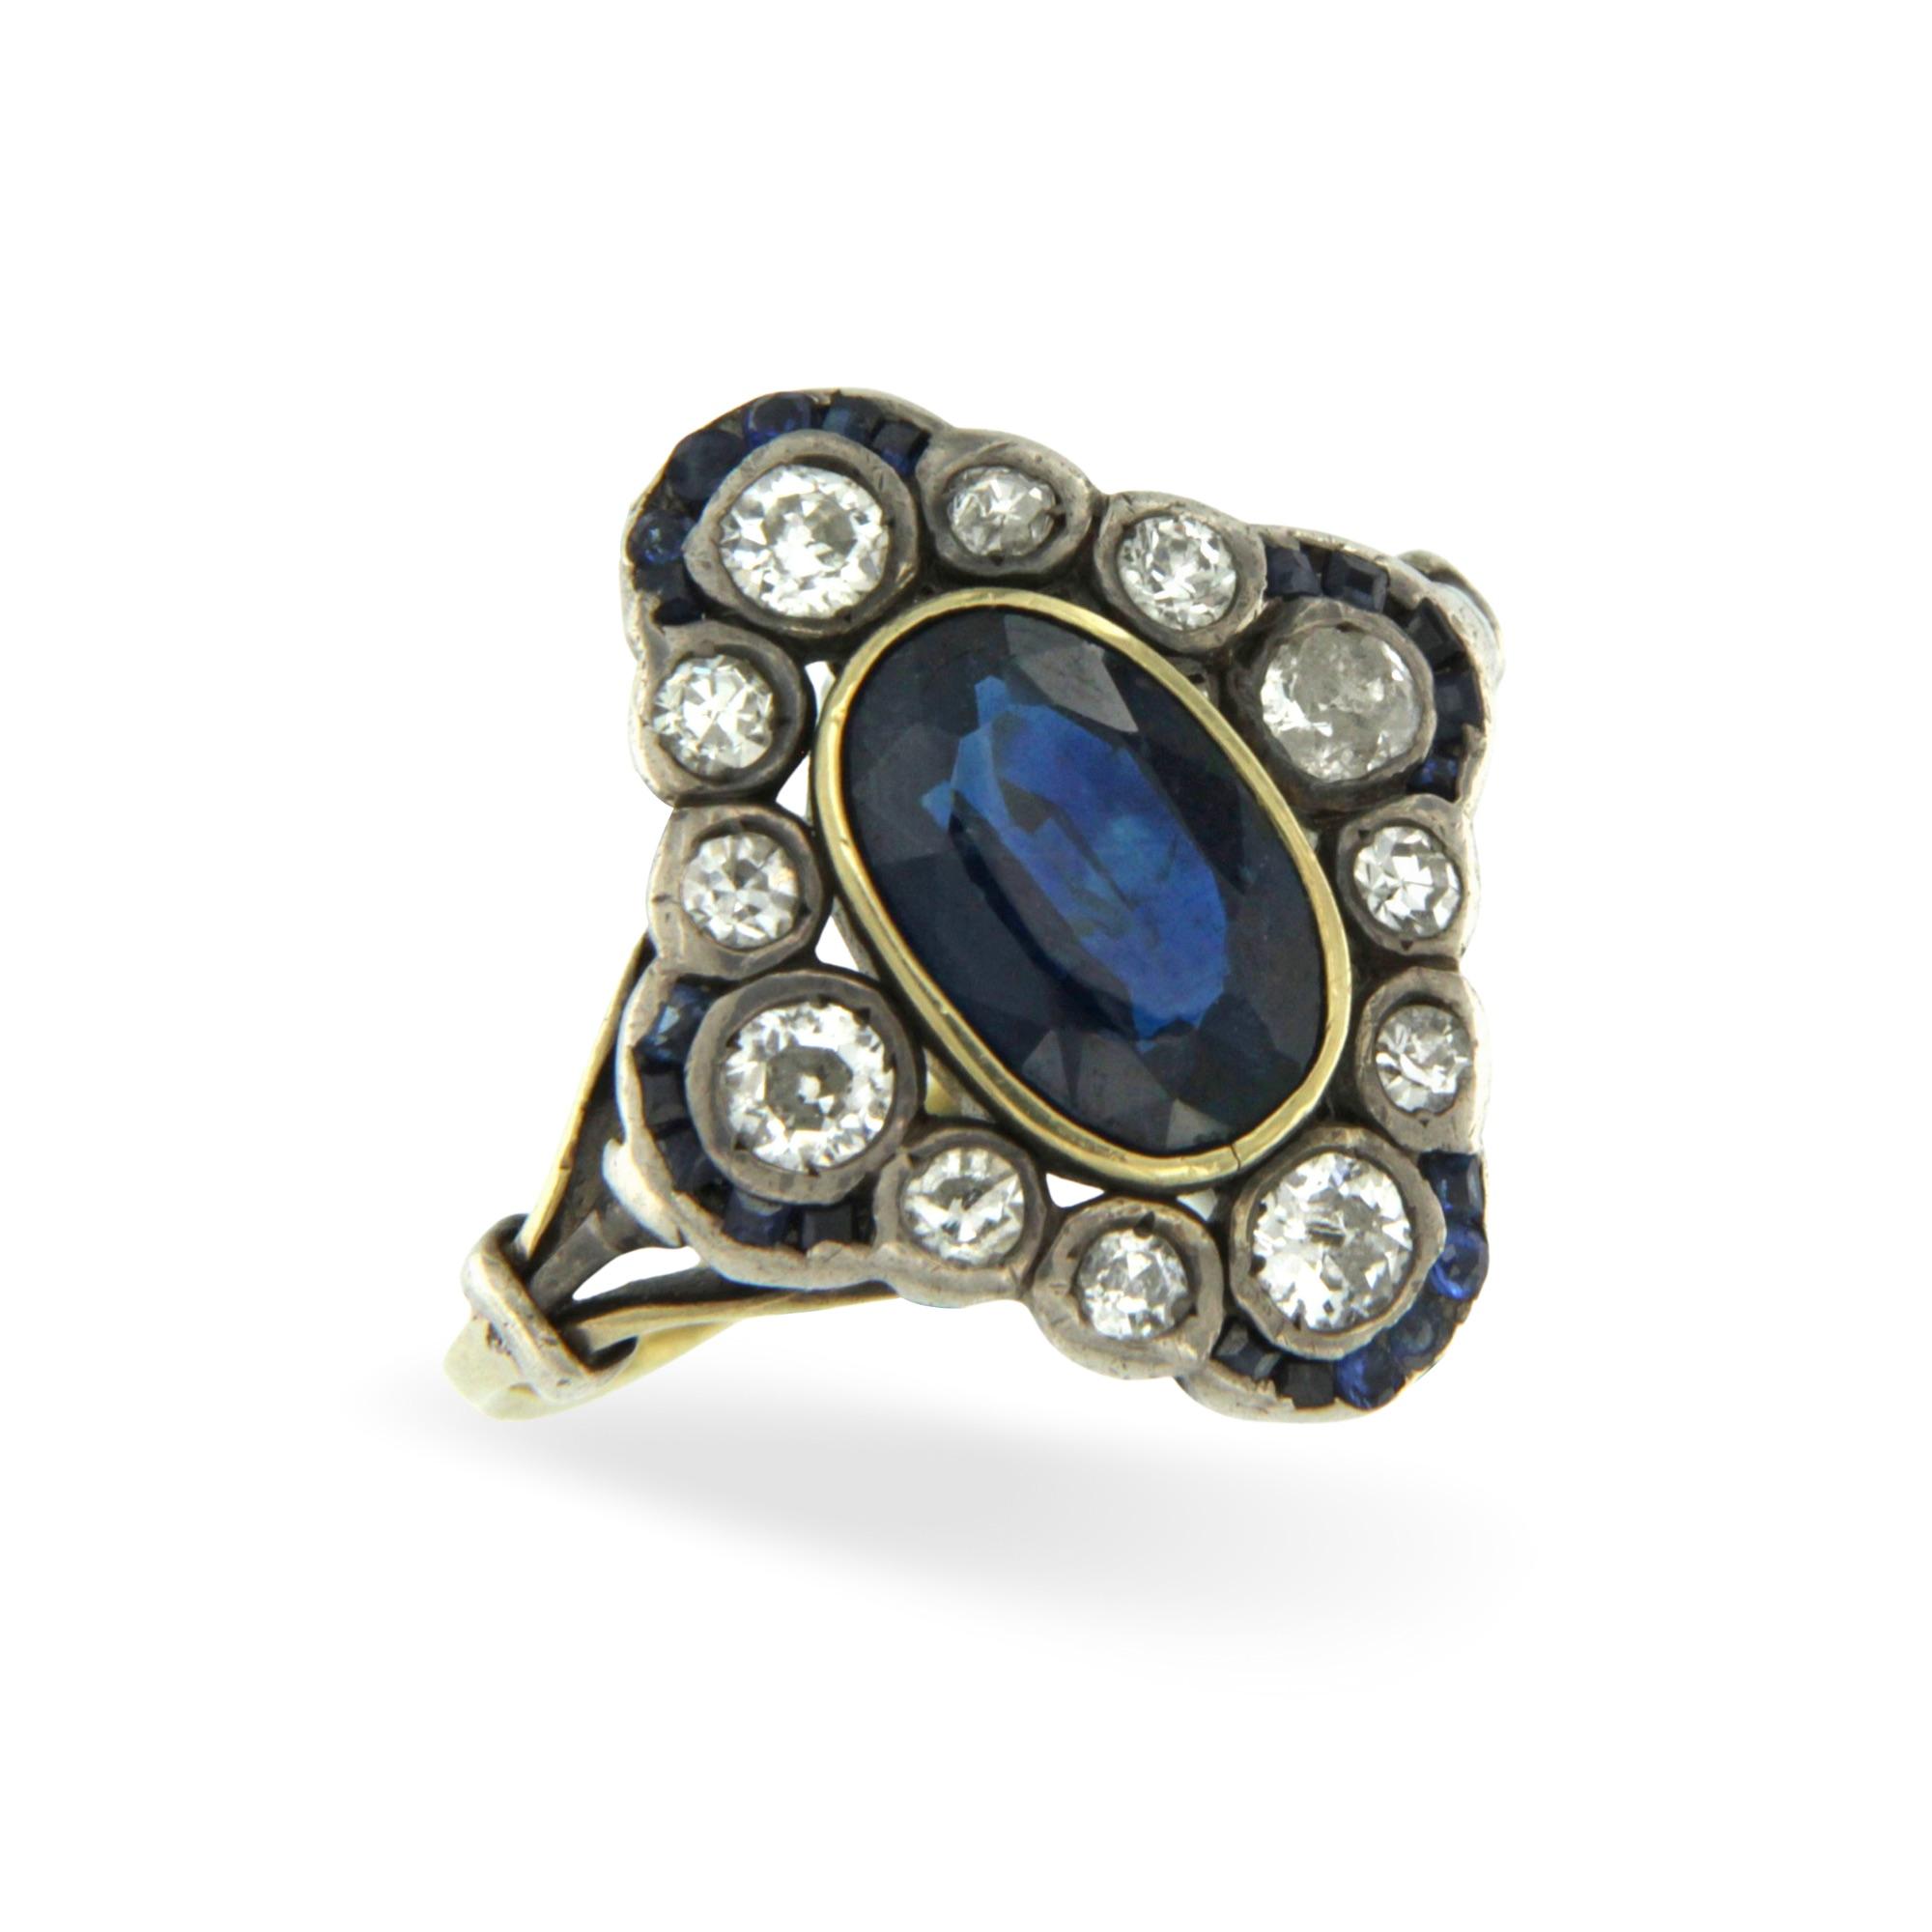 Anello in oro giallo e argento con diamanti taglio vecchio e zaffiro blu